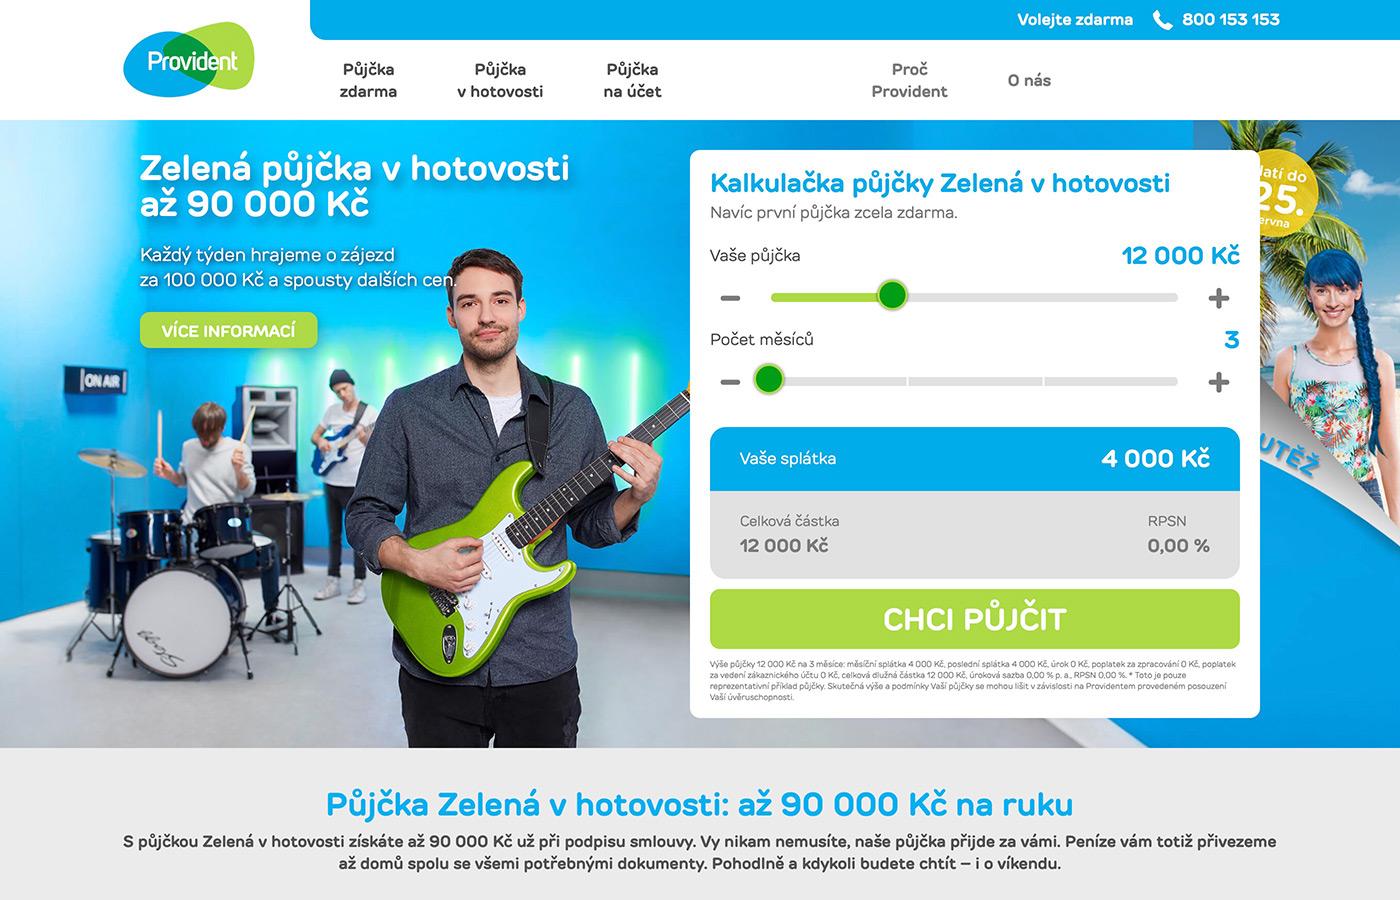 Náhled webových stránek www.provident.cz/pujcky/pujcka-v-hotovosti